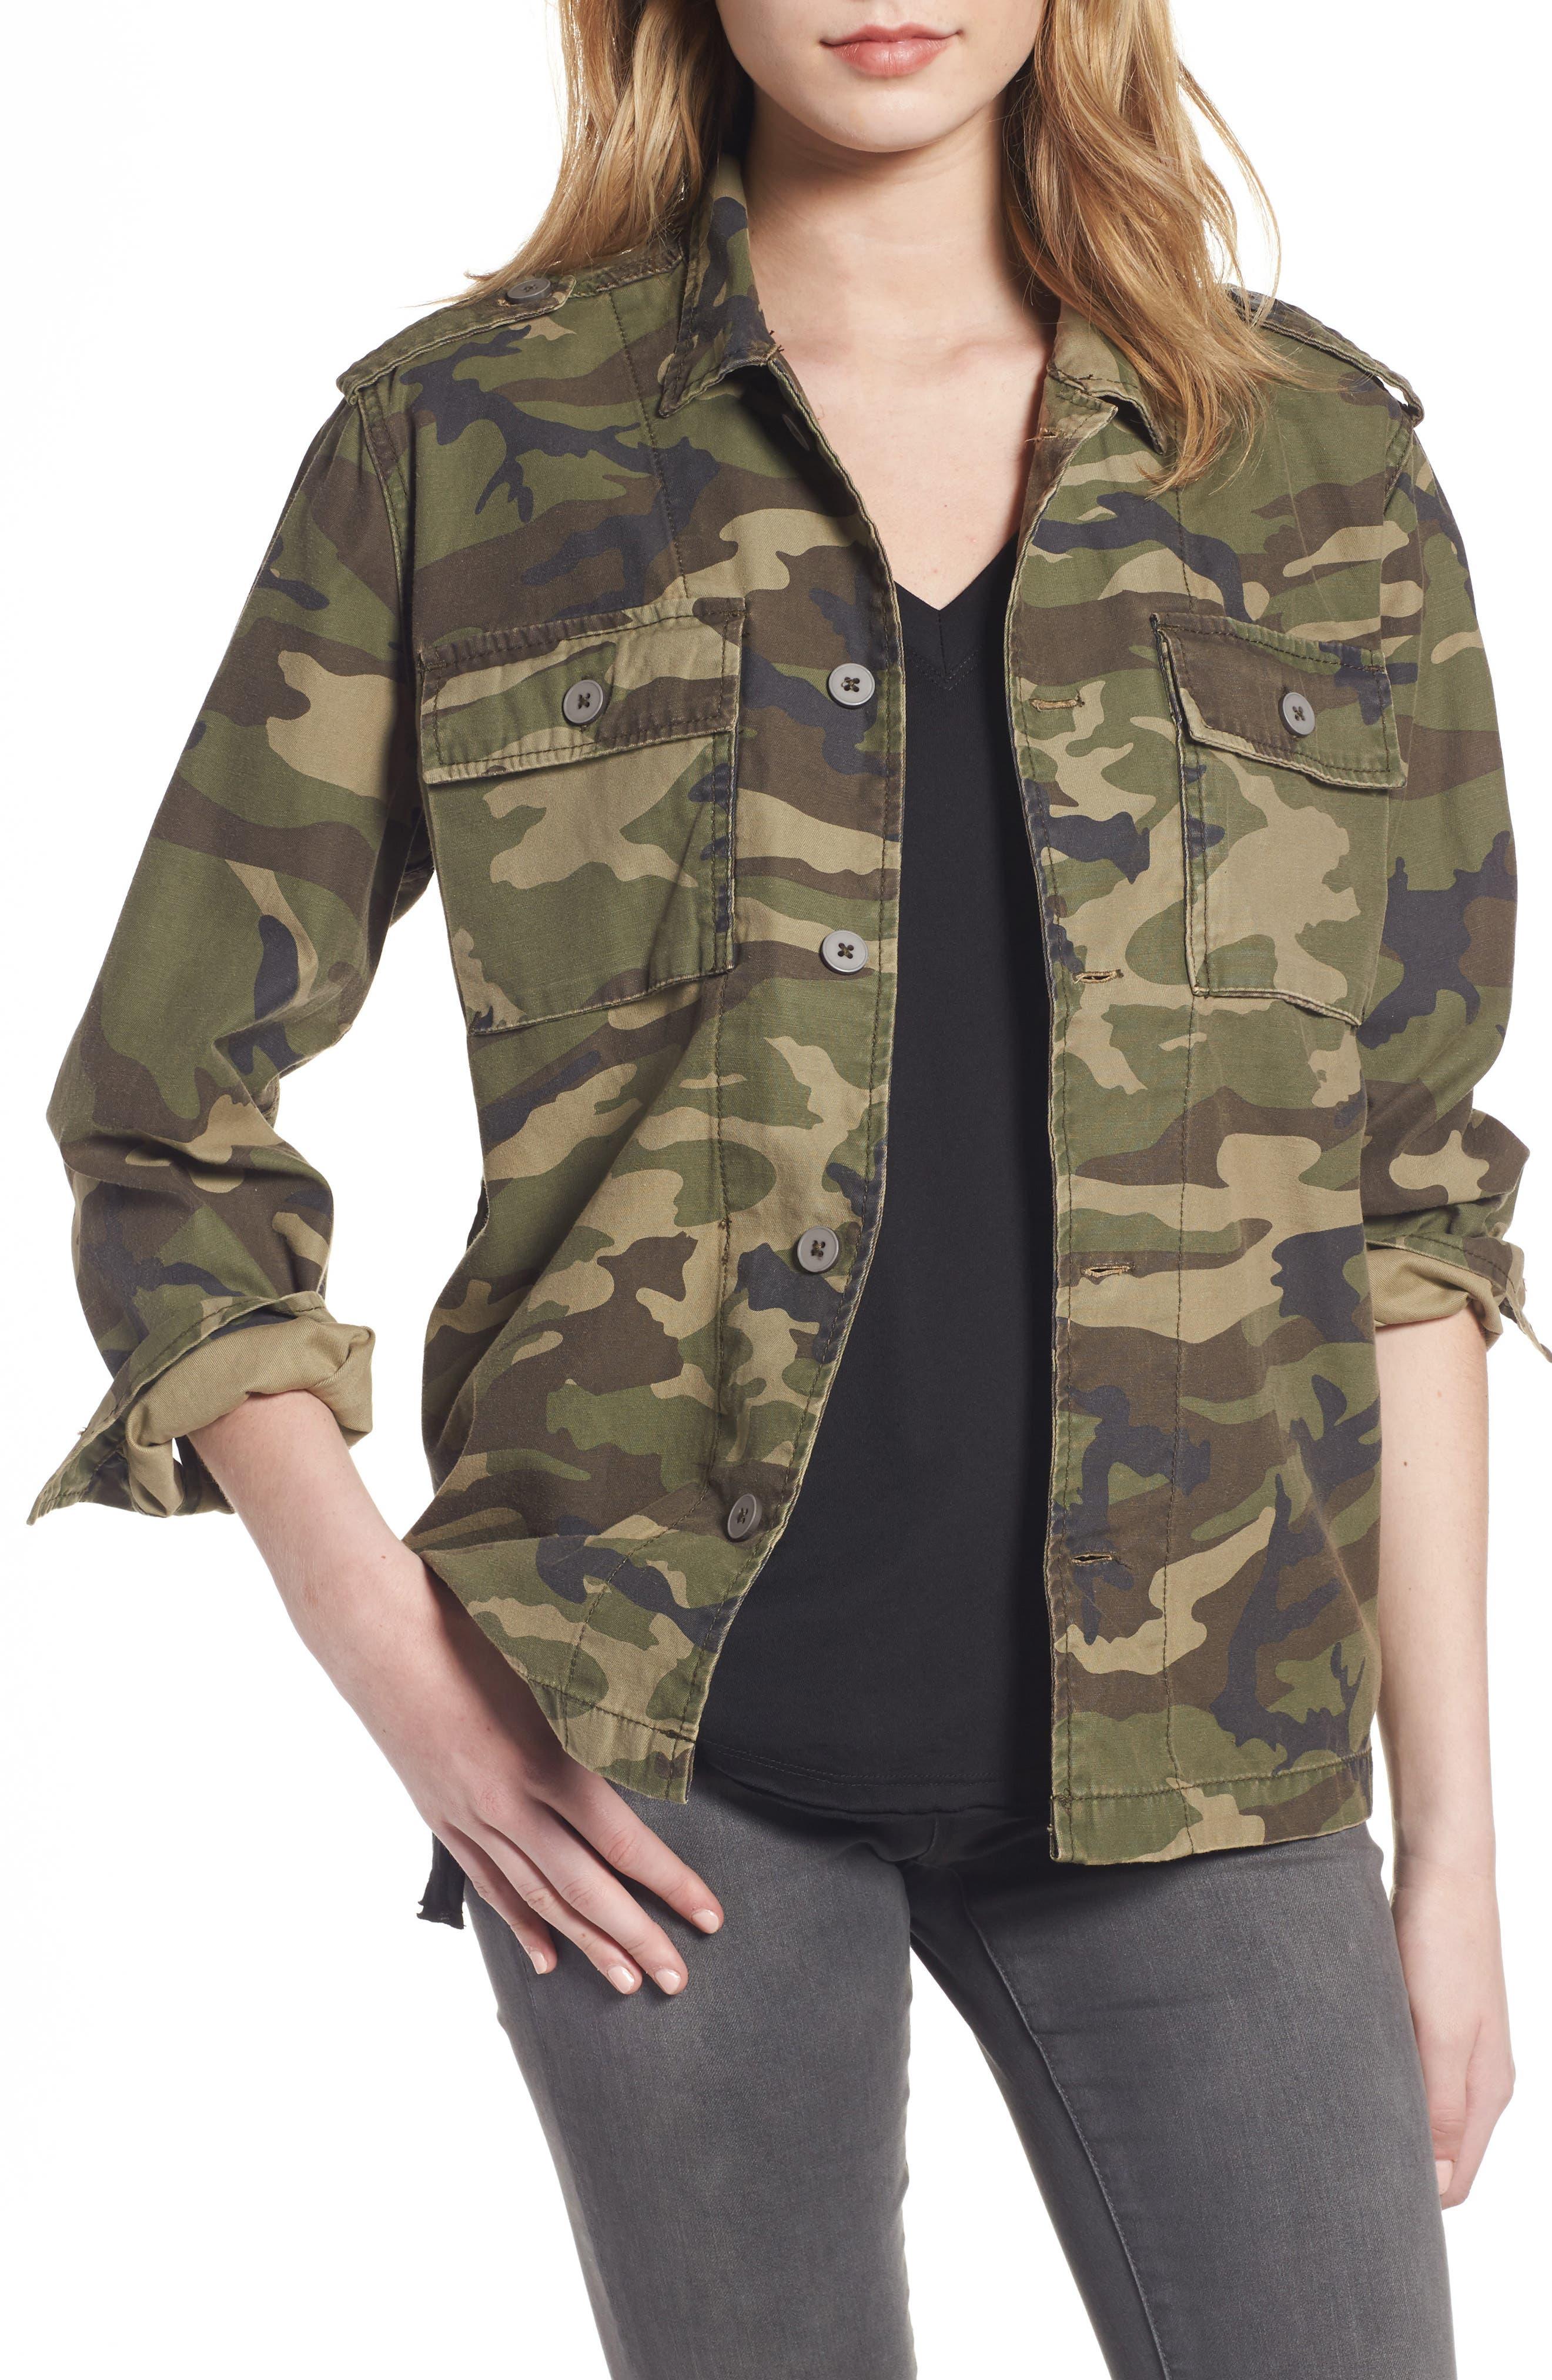 Main Image - Thread & Supply Barton Camo Print Jacket